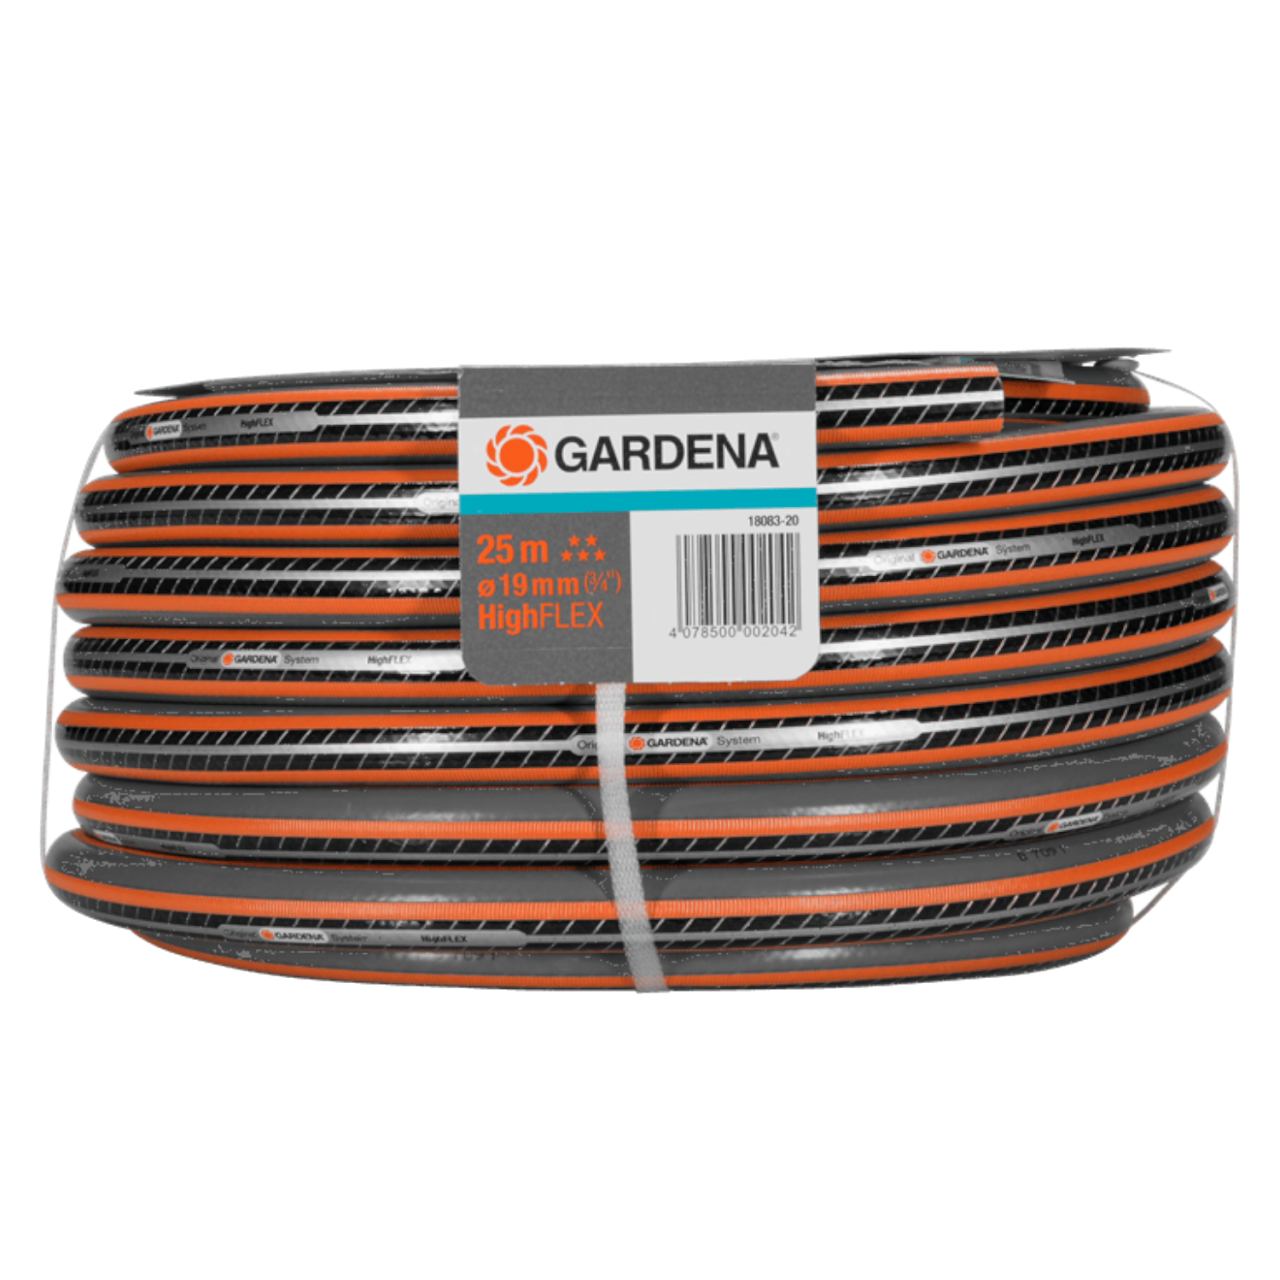 Gardena 18083-20 Comfort HighFLEX Schlauch Gartenschlauch Wasserschlauch 25m